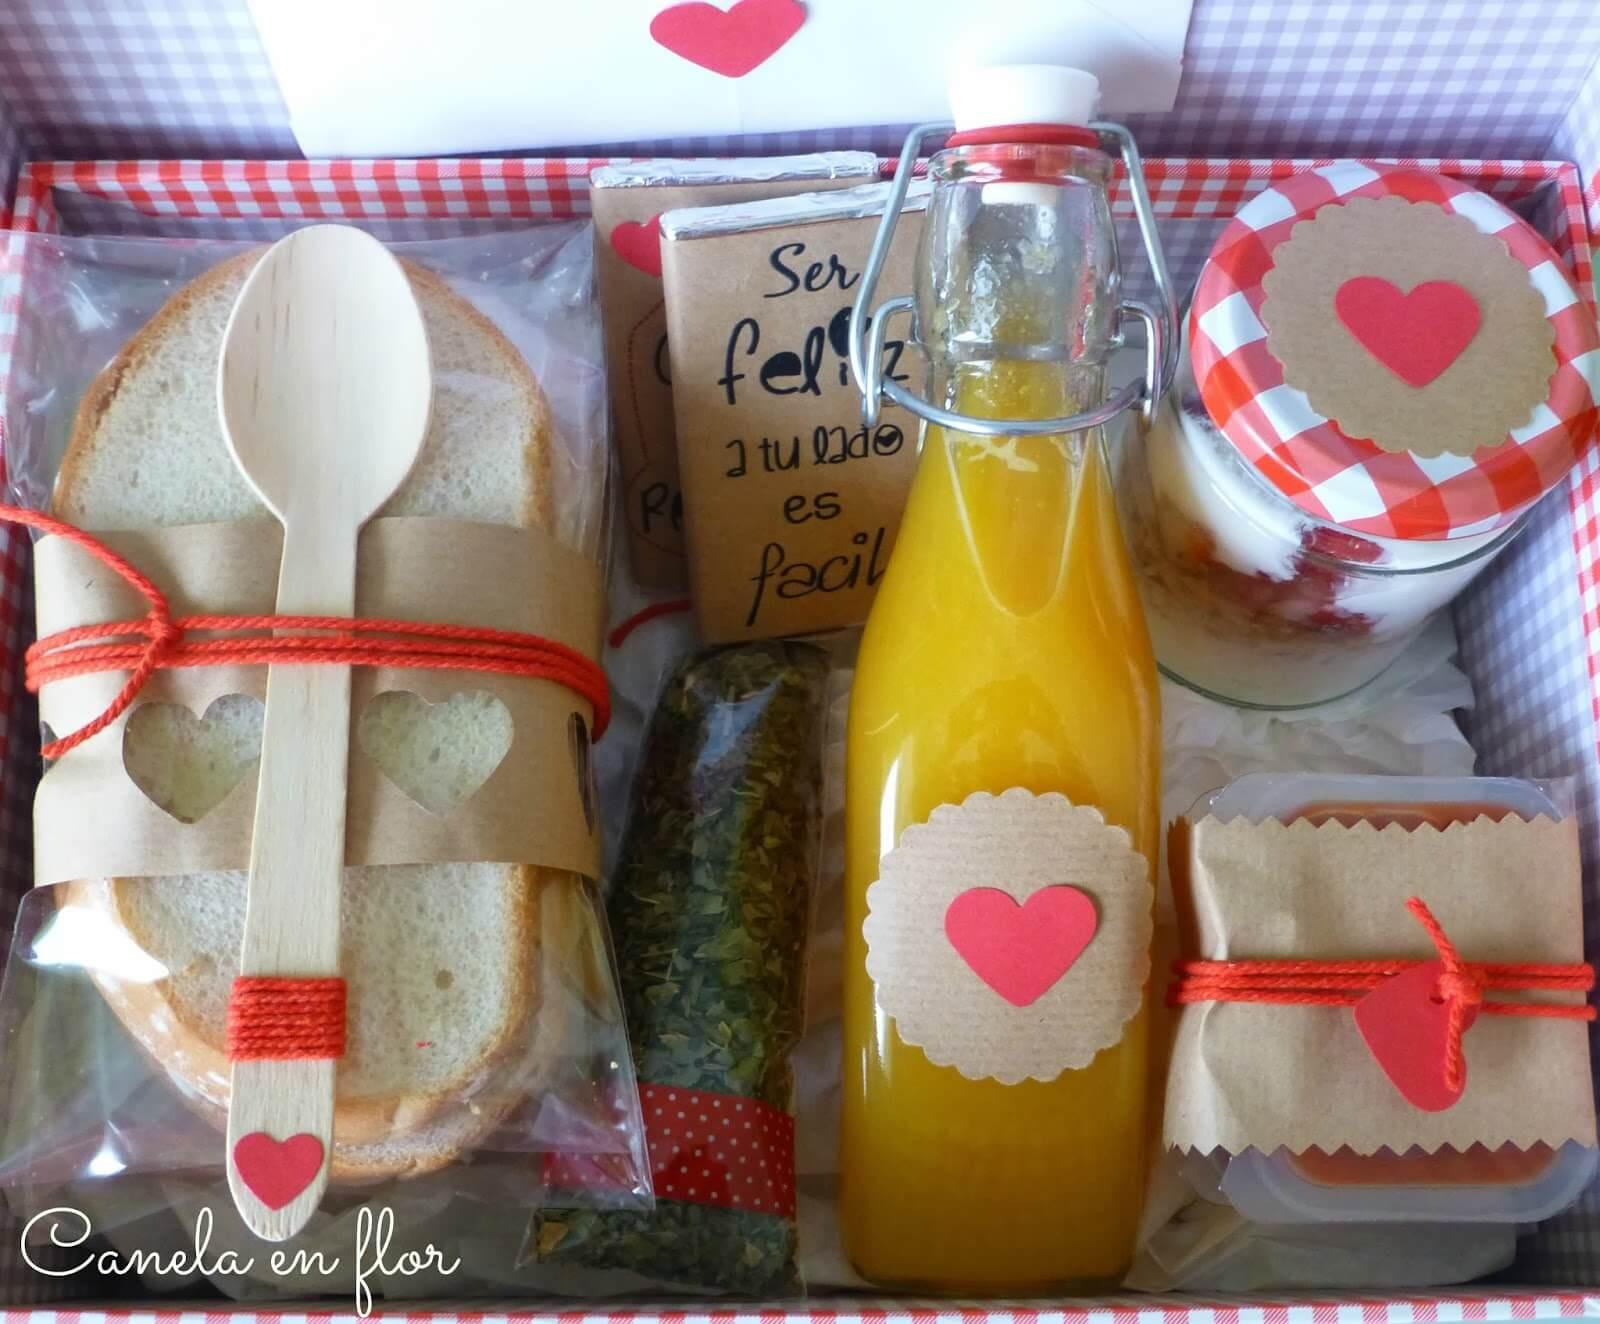 Regala una caja de desayuno por San Valentín